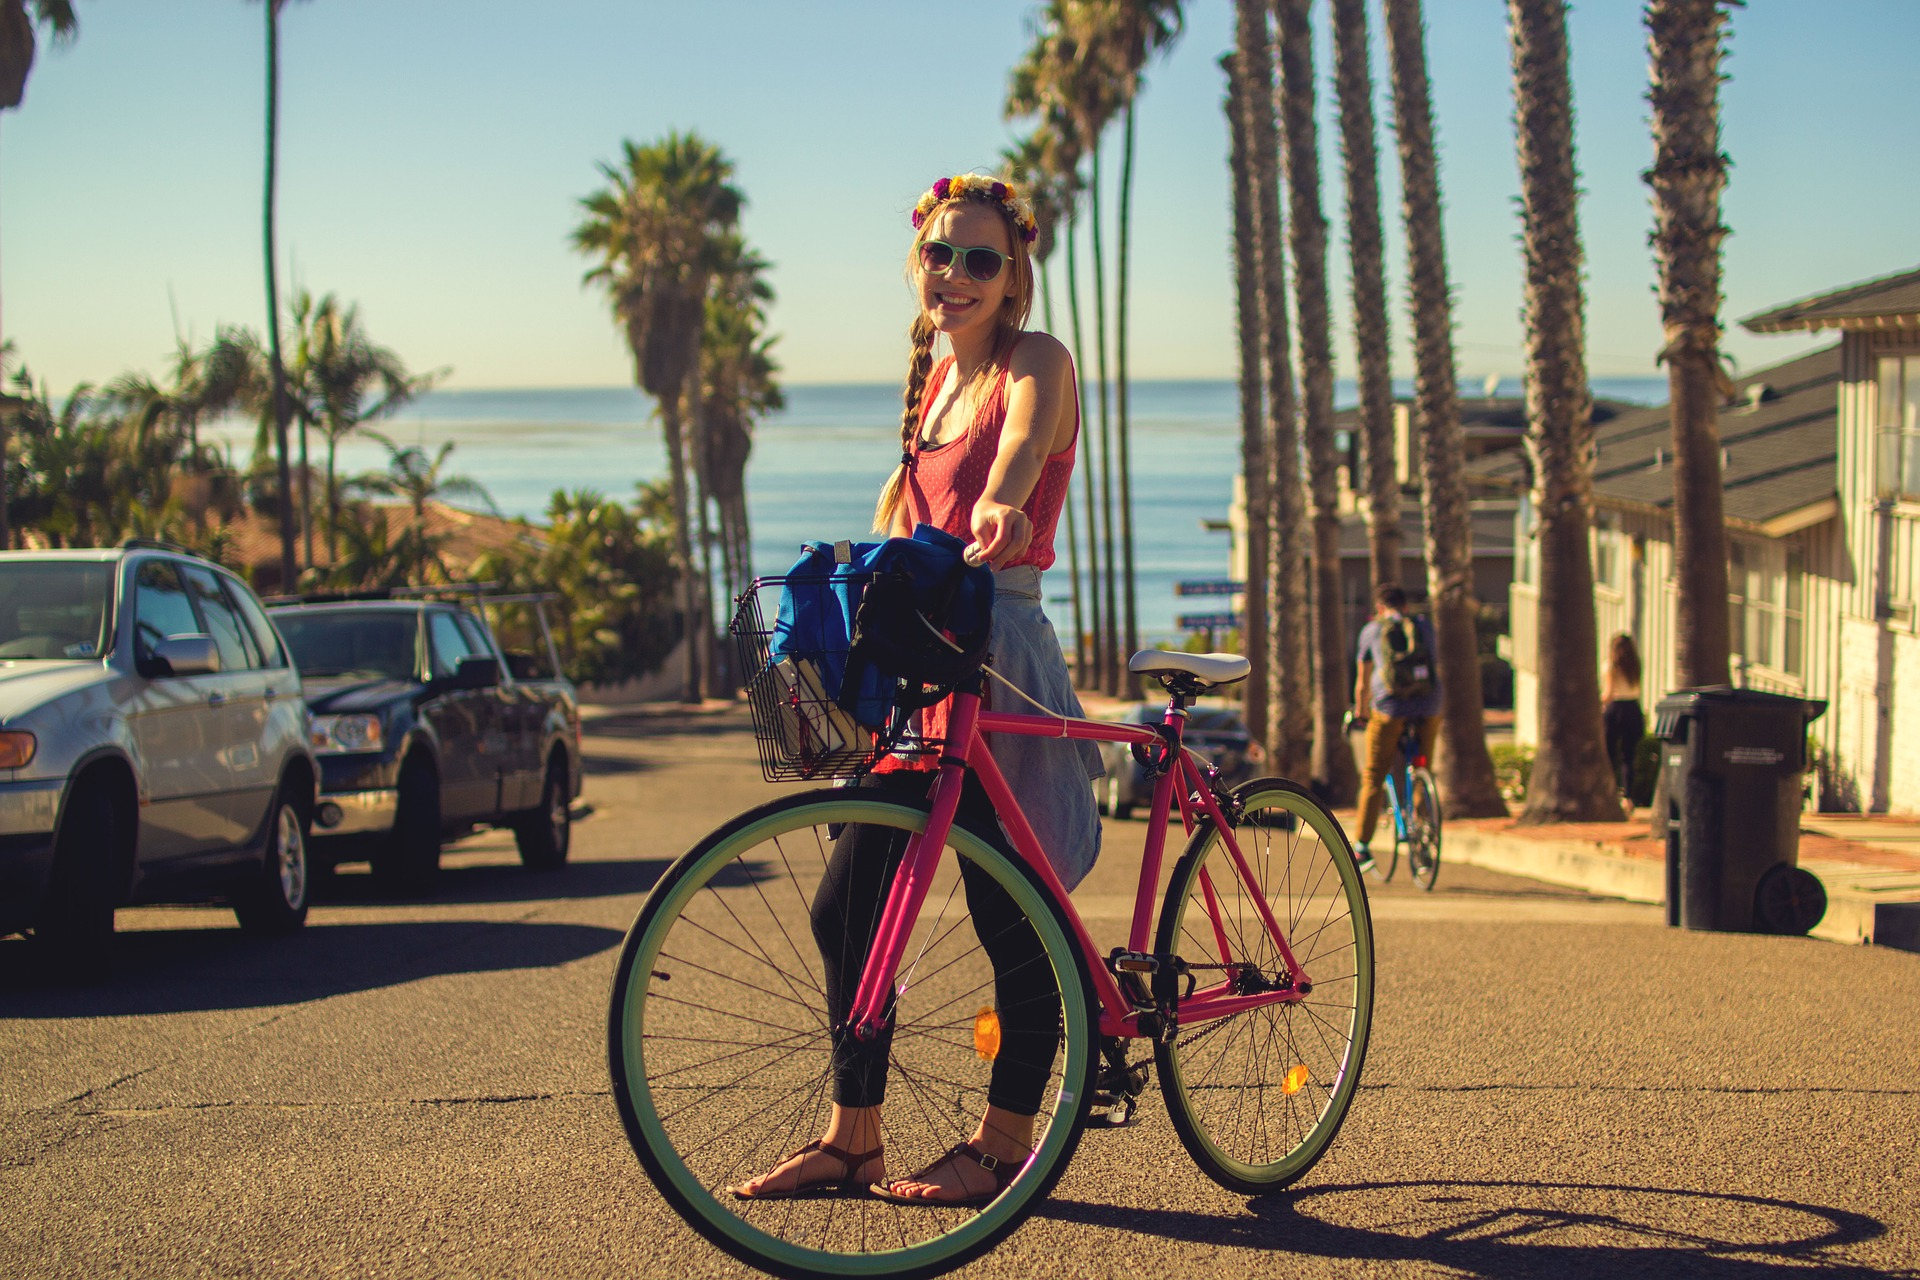 Gør som mange andre: Tag på cykelferie til sommer